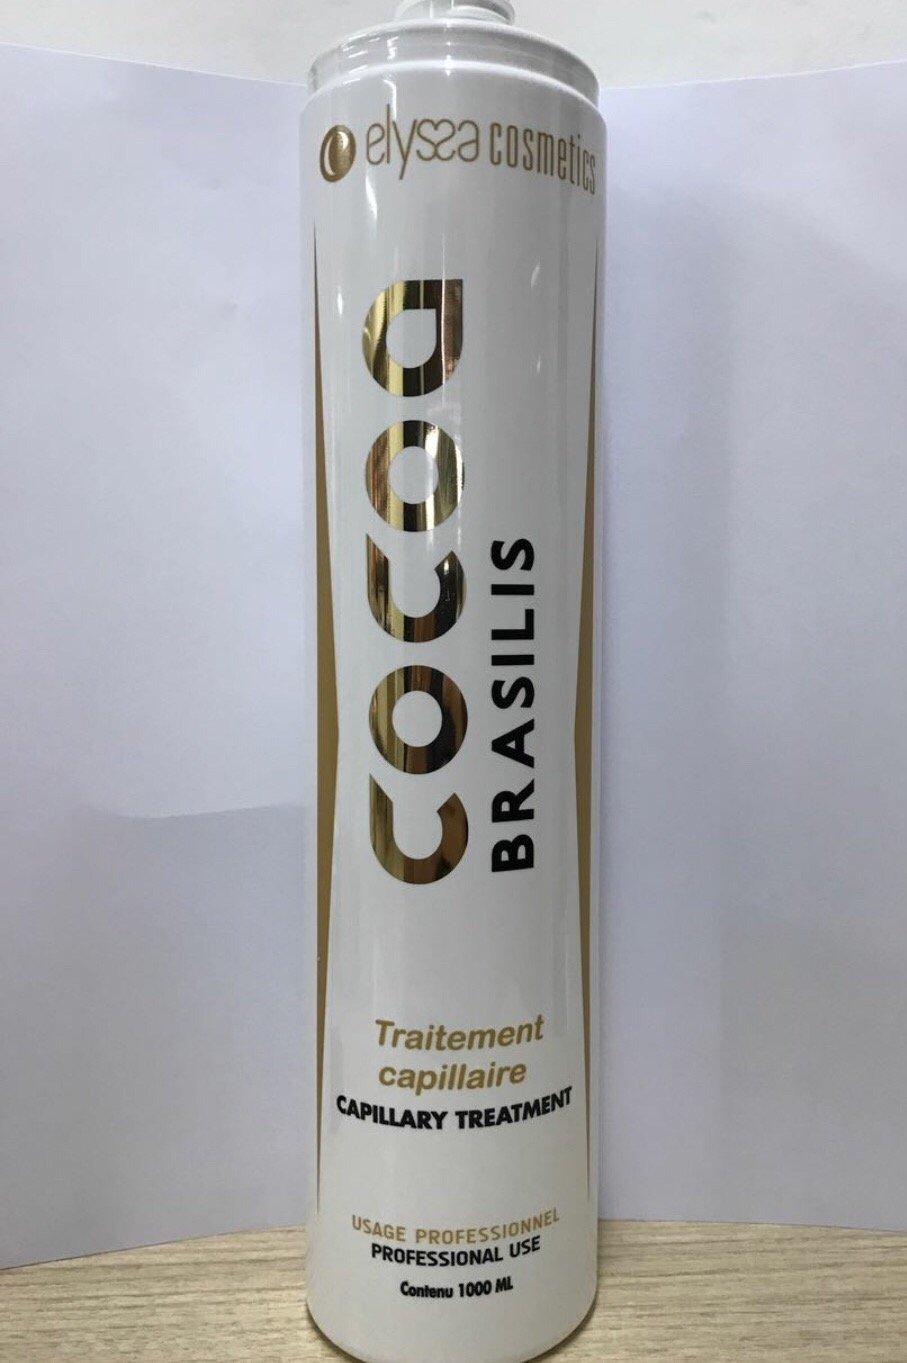 COCOA BRASILIS Kit profesional de alisado brasileño 2 x 1 l: Amazon.es: Salud y cuidado personal